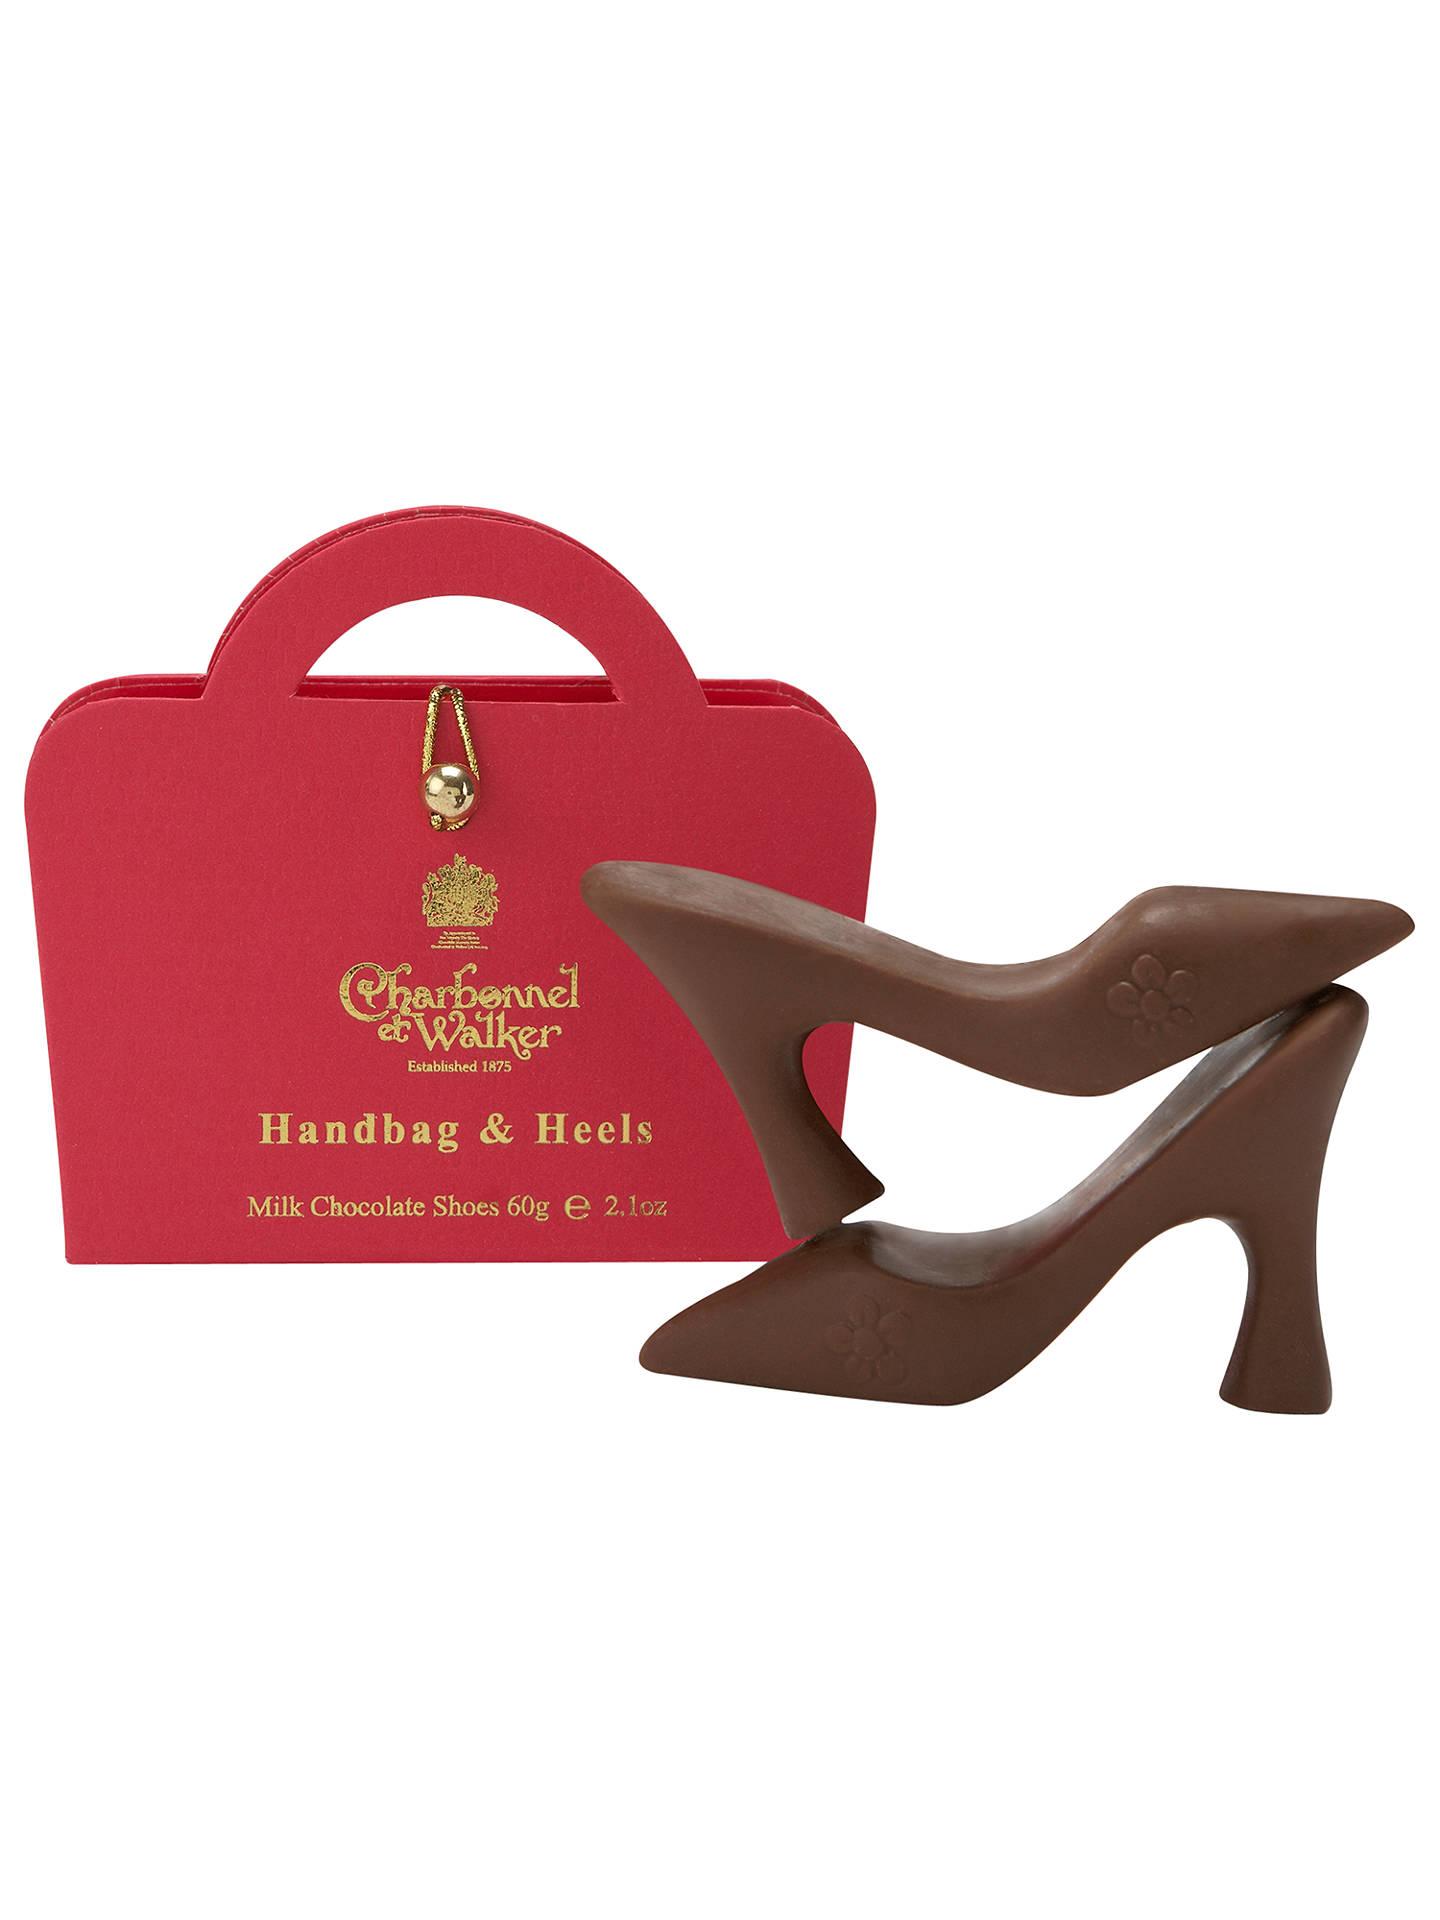 dae4faa805 Buy Charbonnel et Walker Milk Chocolate Handbag   Heels Set